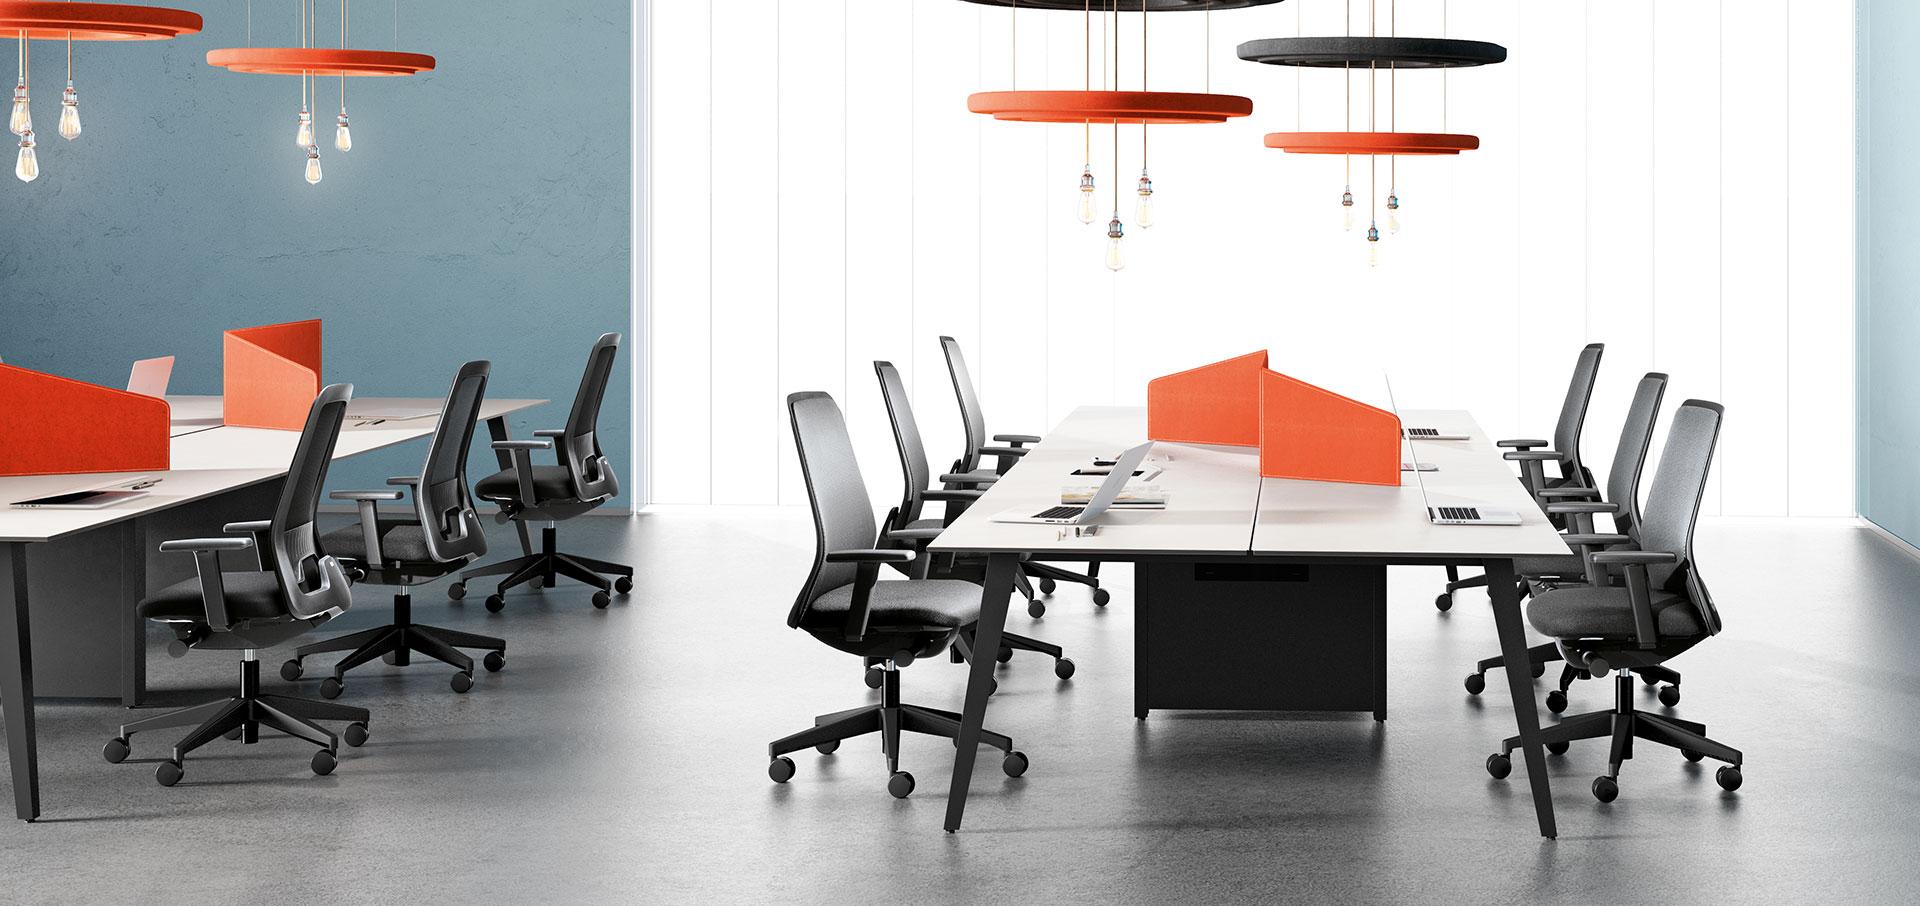 De zoektocht naar de perfecte bureaustoel